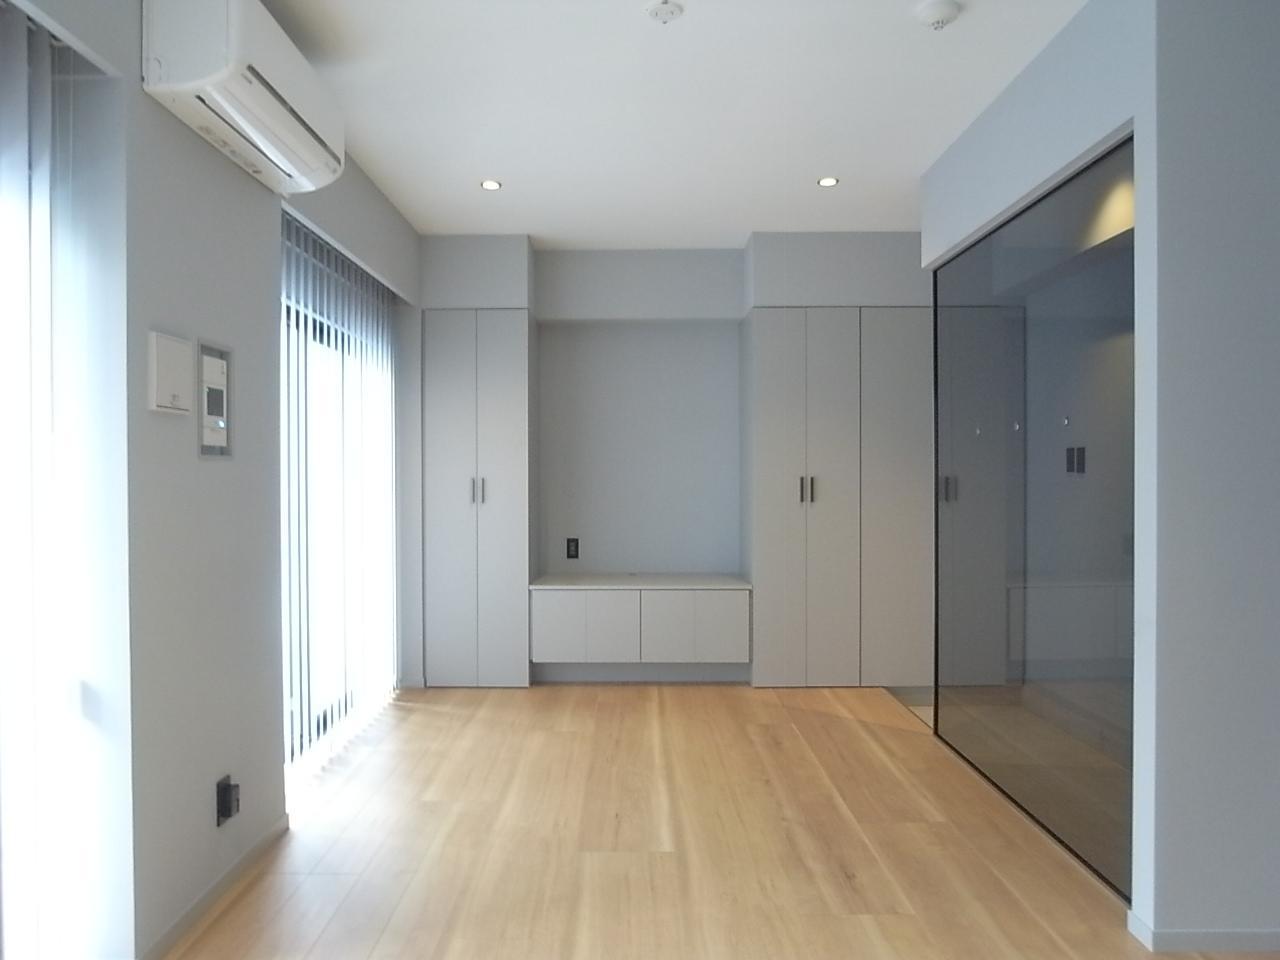 デザインはビルを変える 【1R編】 (福岡市早良区西新の物件) - 福岡R不動産